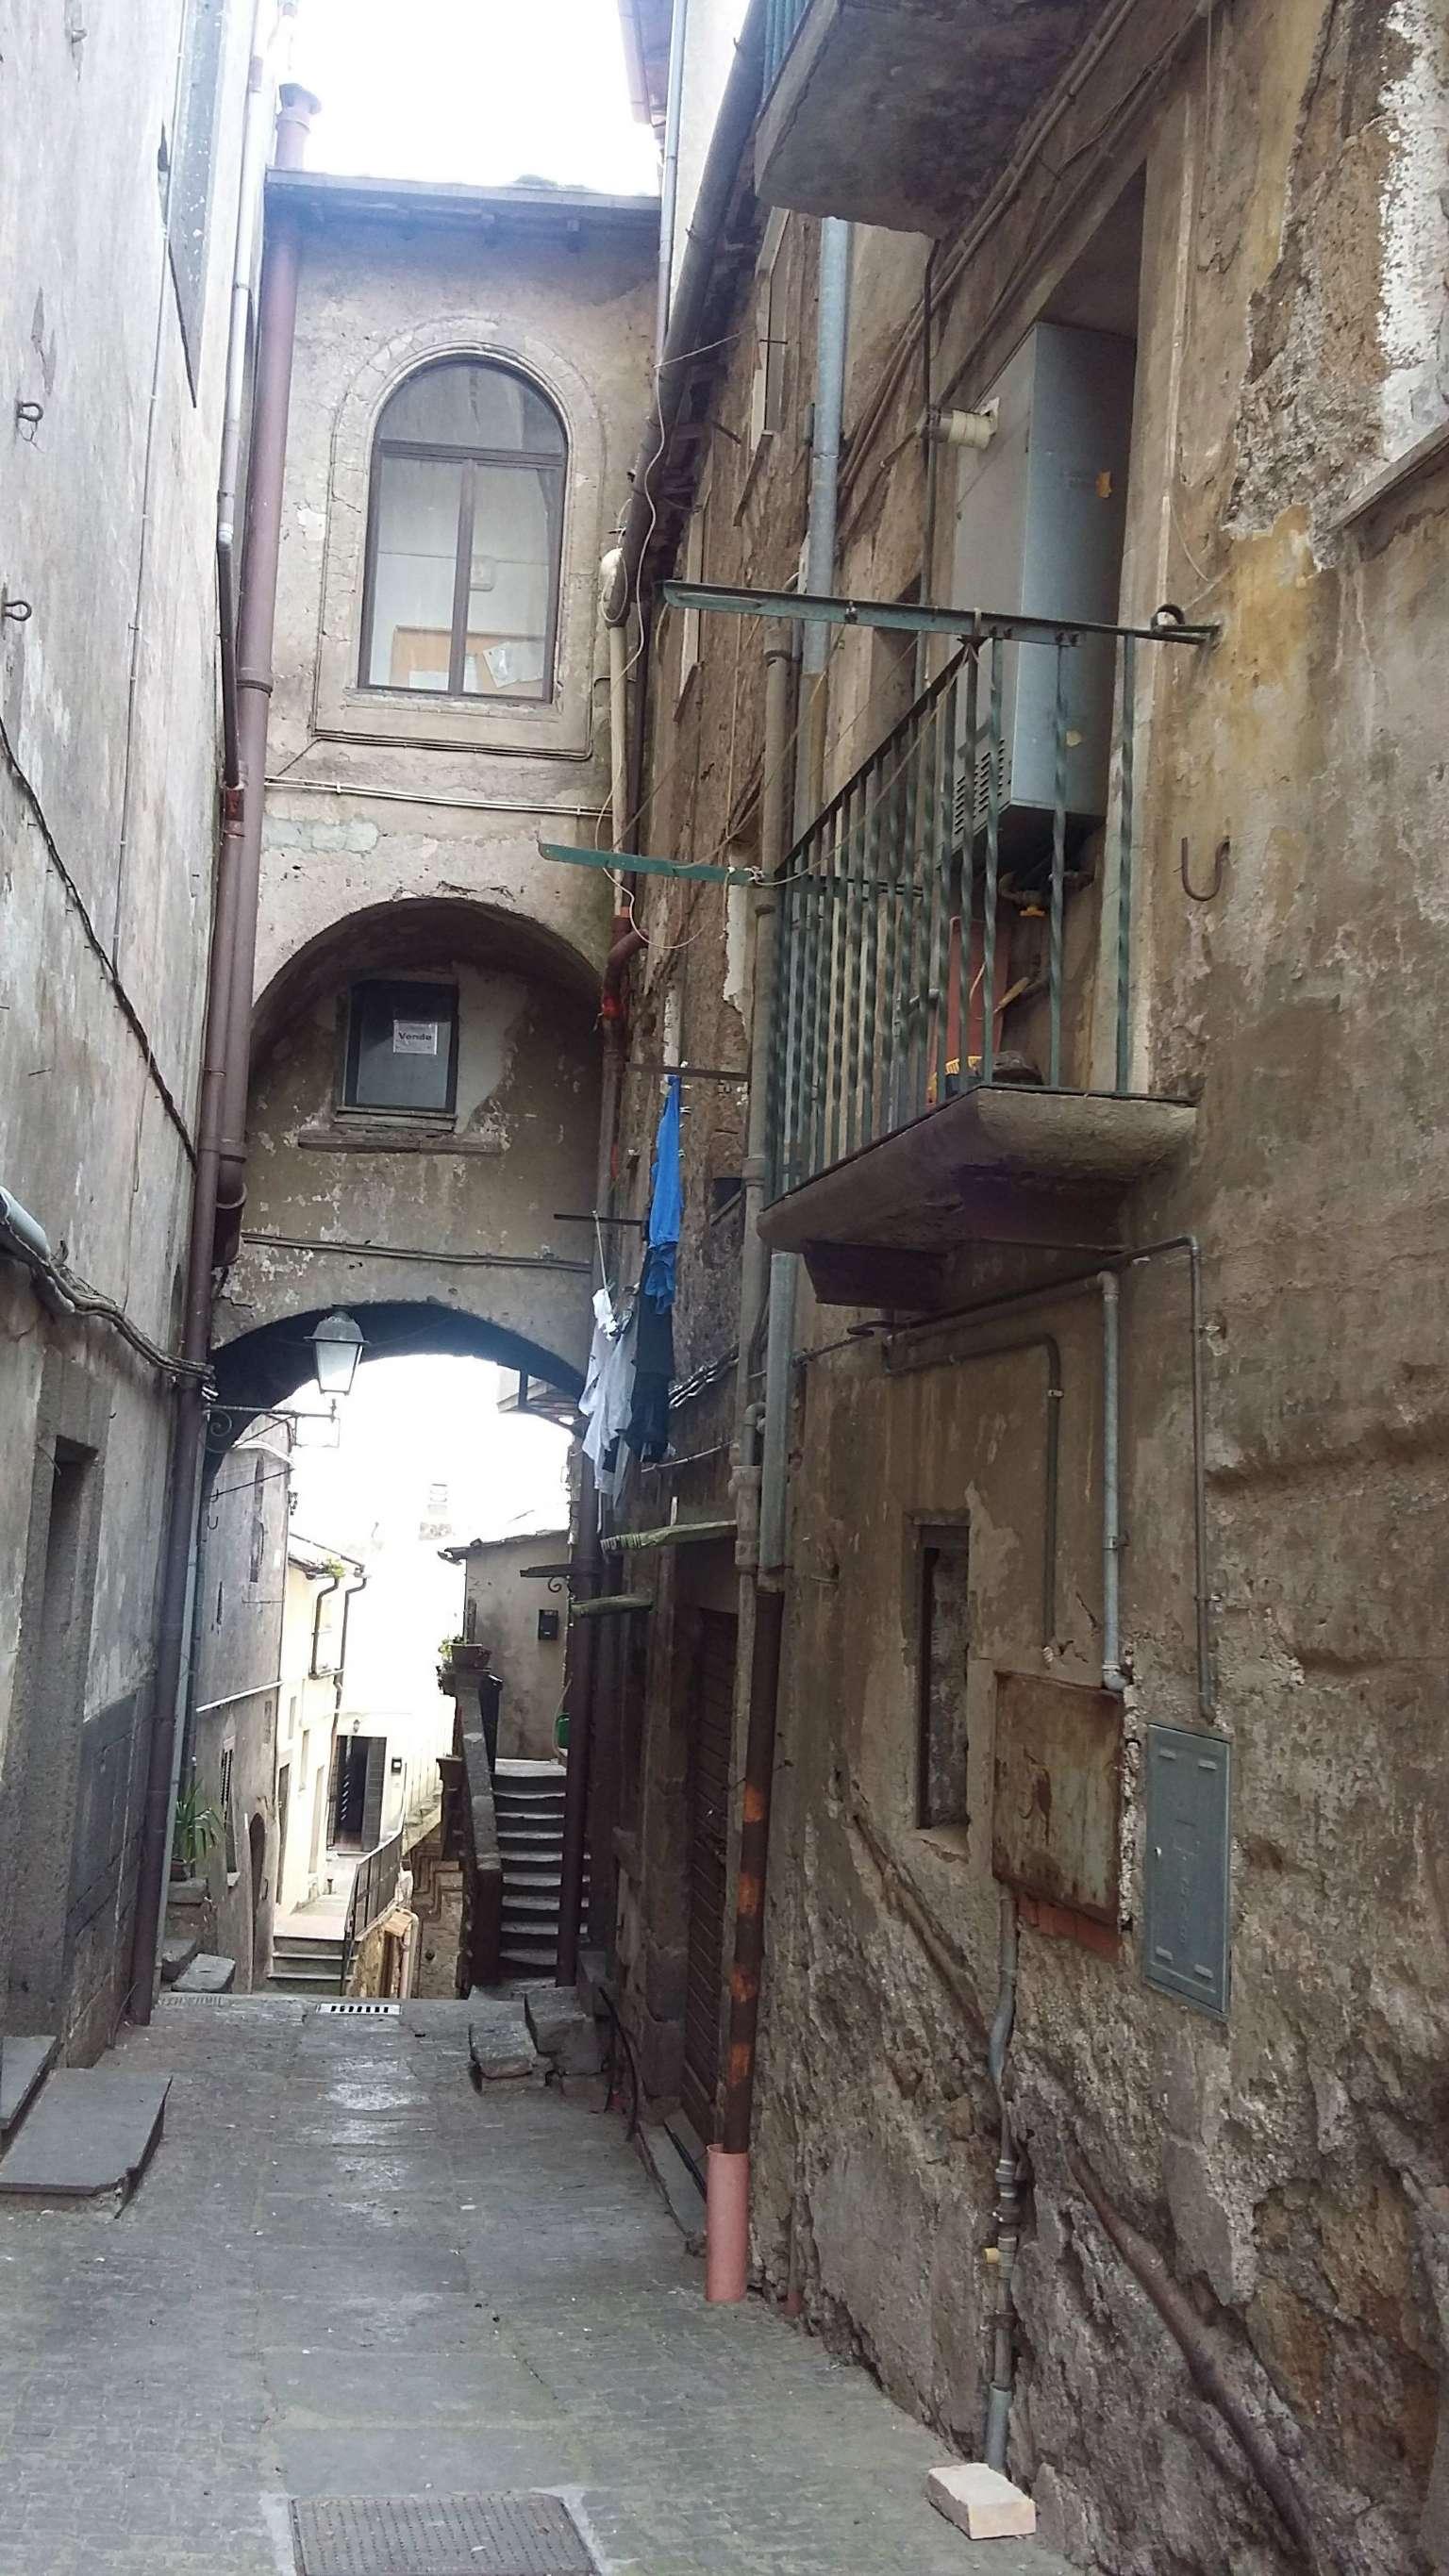 Appartamento in vendita a Vetralla, 2 locali, prezzo € 62.000 | CambioCasa.it